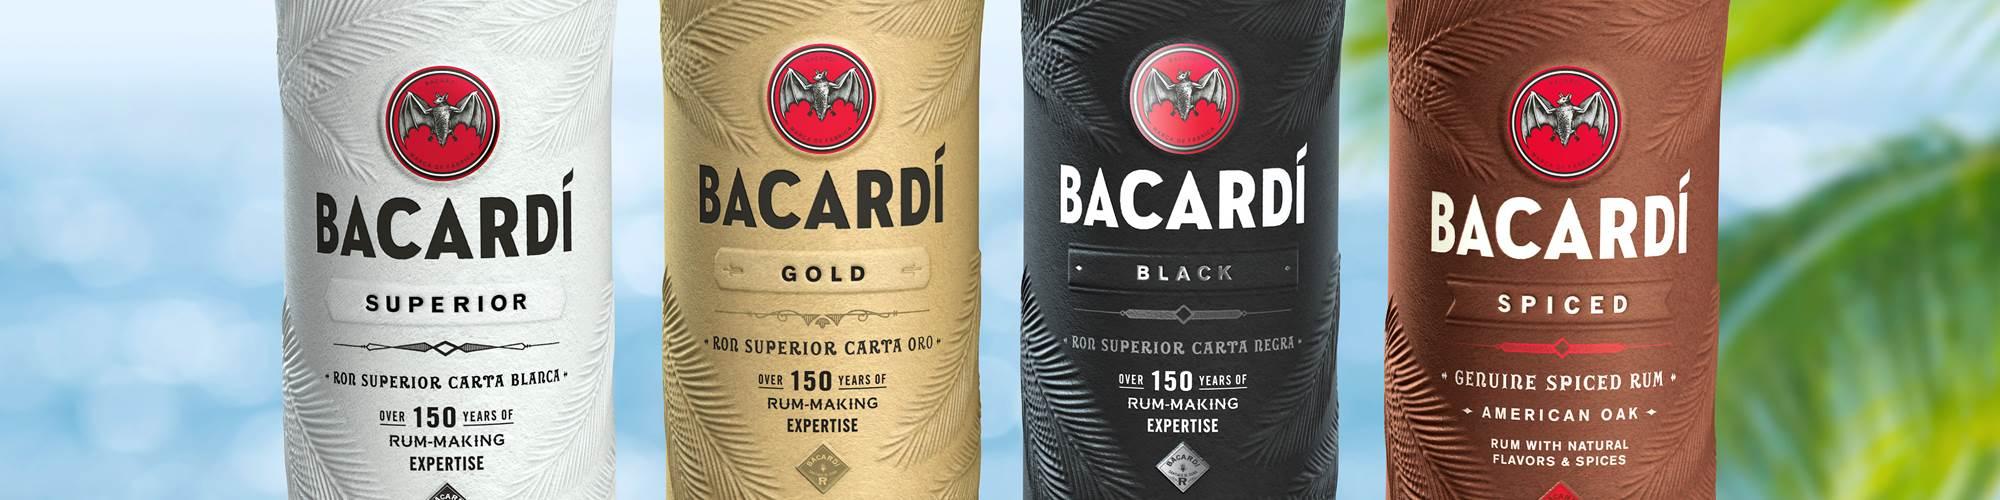 El ron Bacardí será el primer licor que aparecerácon la nueva botella, antes de que se lance el material vegetal para reemplazar el plástico de un solo uso en toda la cadena de suministro de Bacardí.